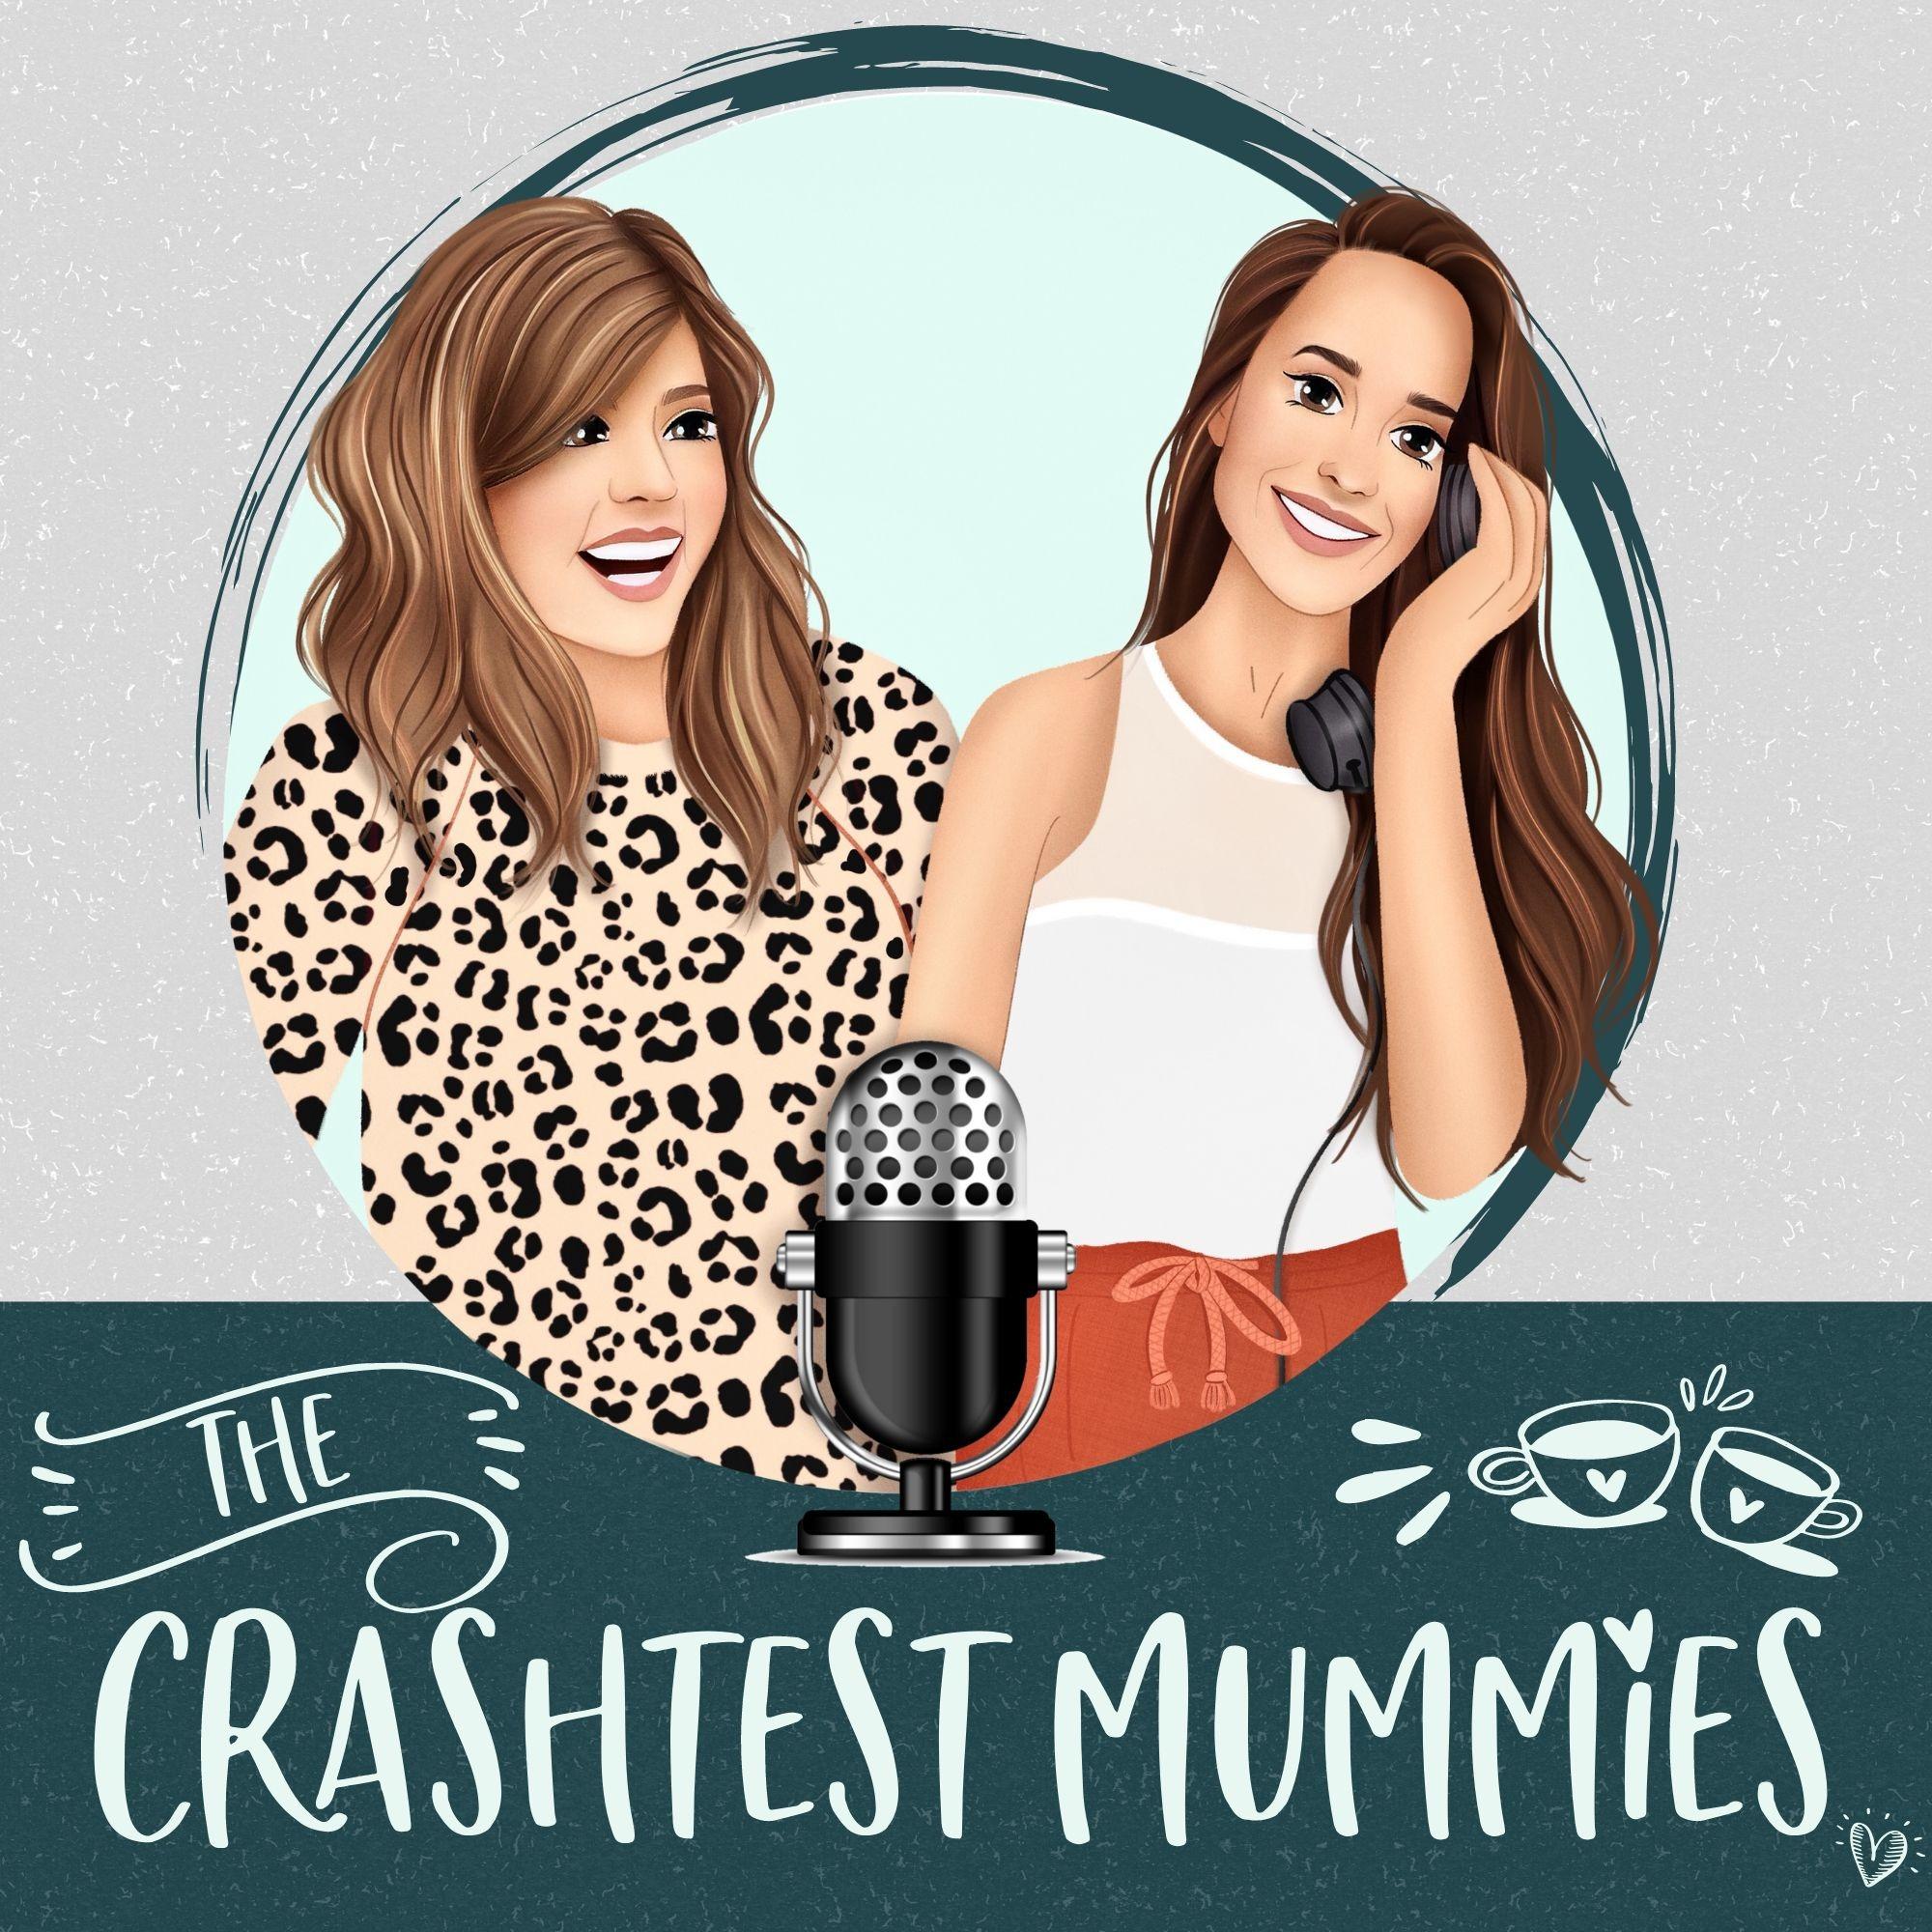 The Crashtest Mummies Podcast